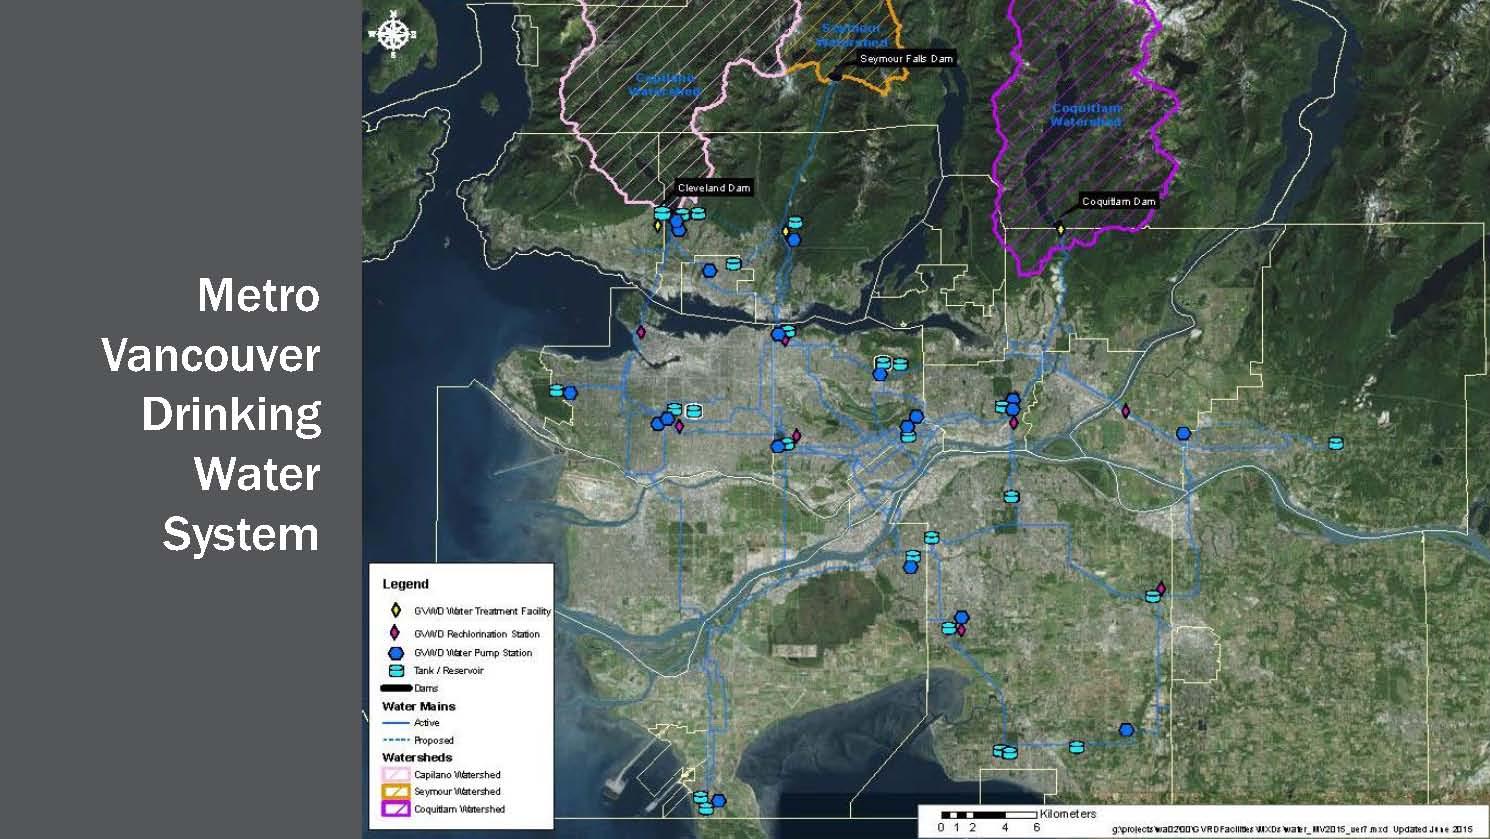 metro-van-water-supply_system-overview